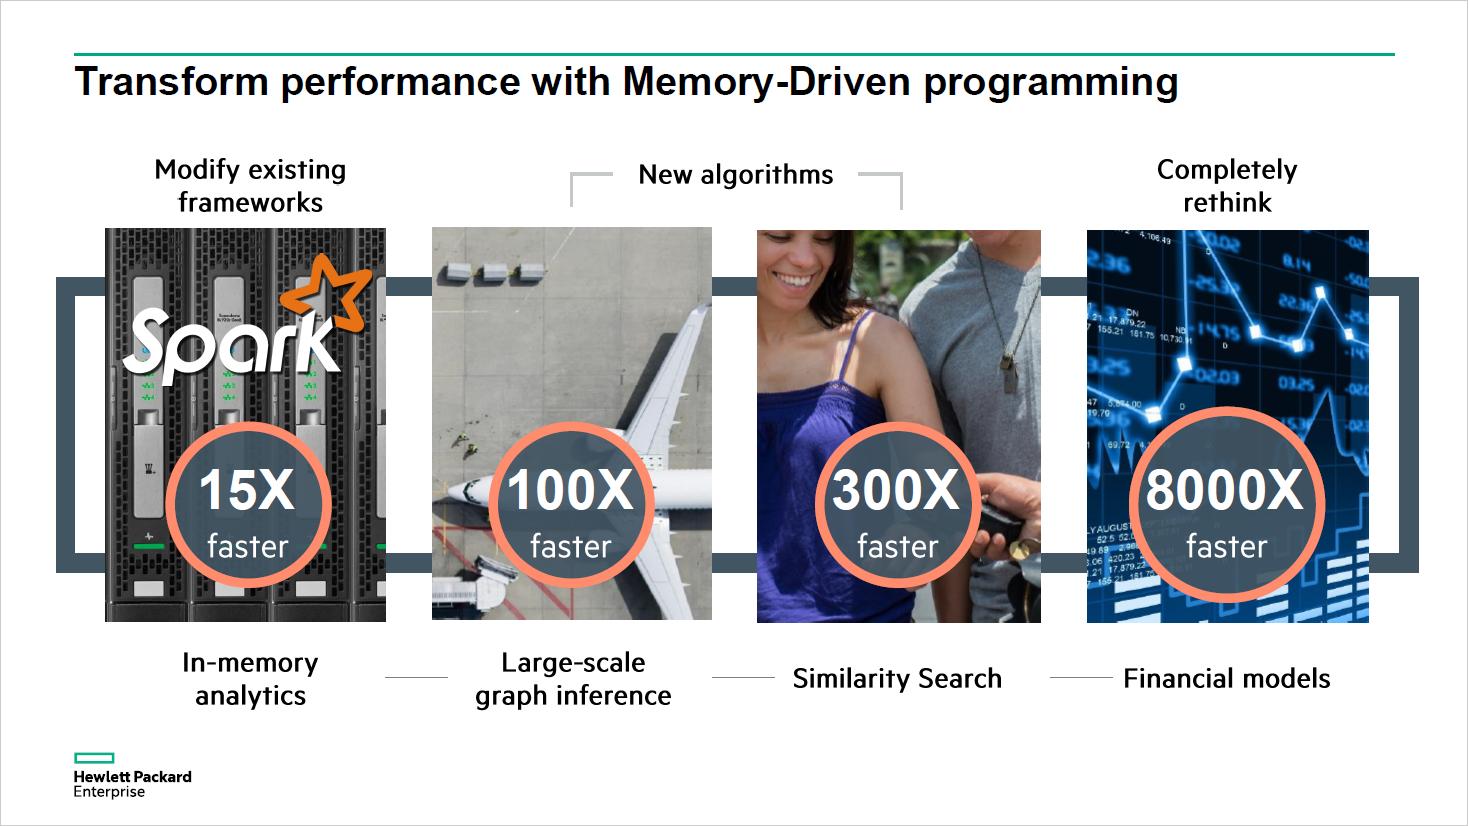 Memory-Driven Computing: HPE zeigt Prototyp von The Machine - Erste Benchmarks klingen vielversprechend. (Bild: HPE)